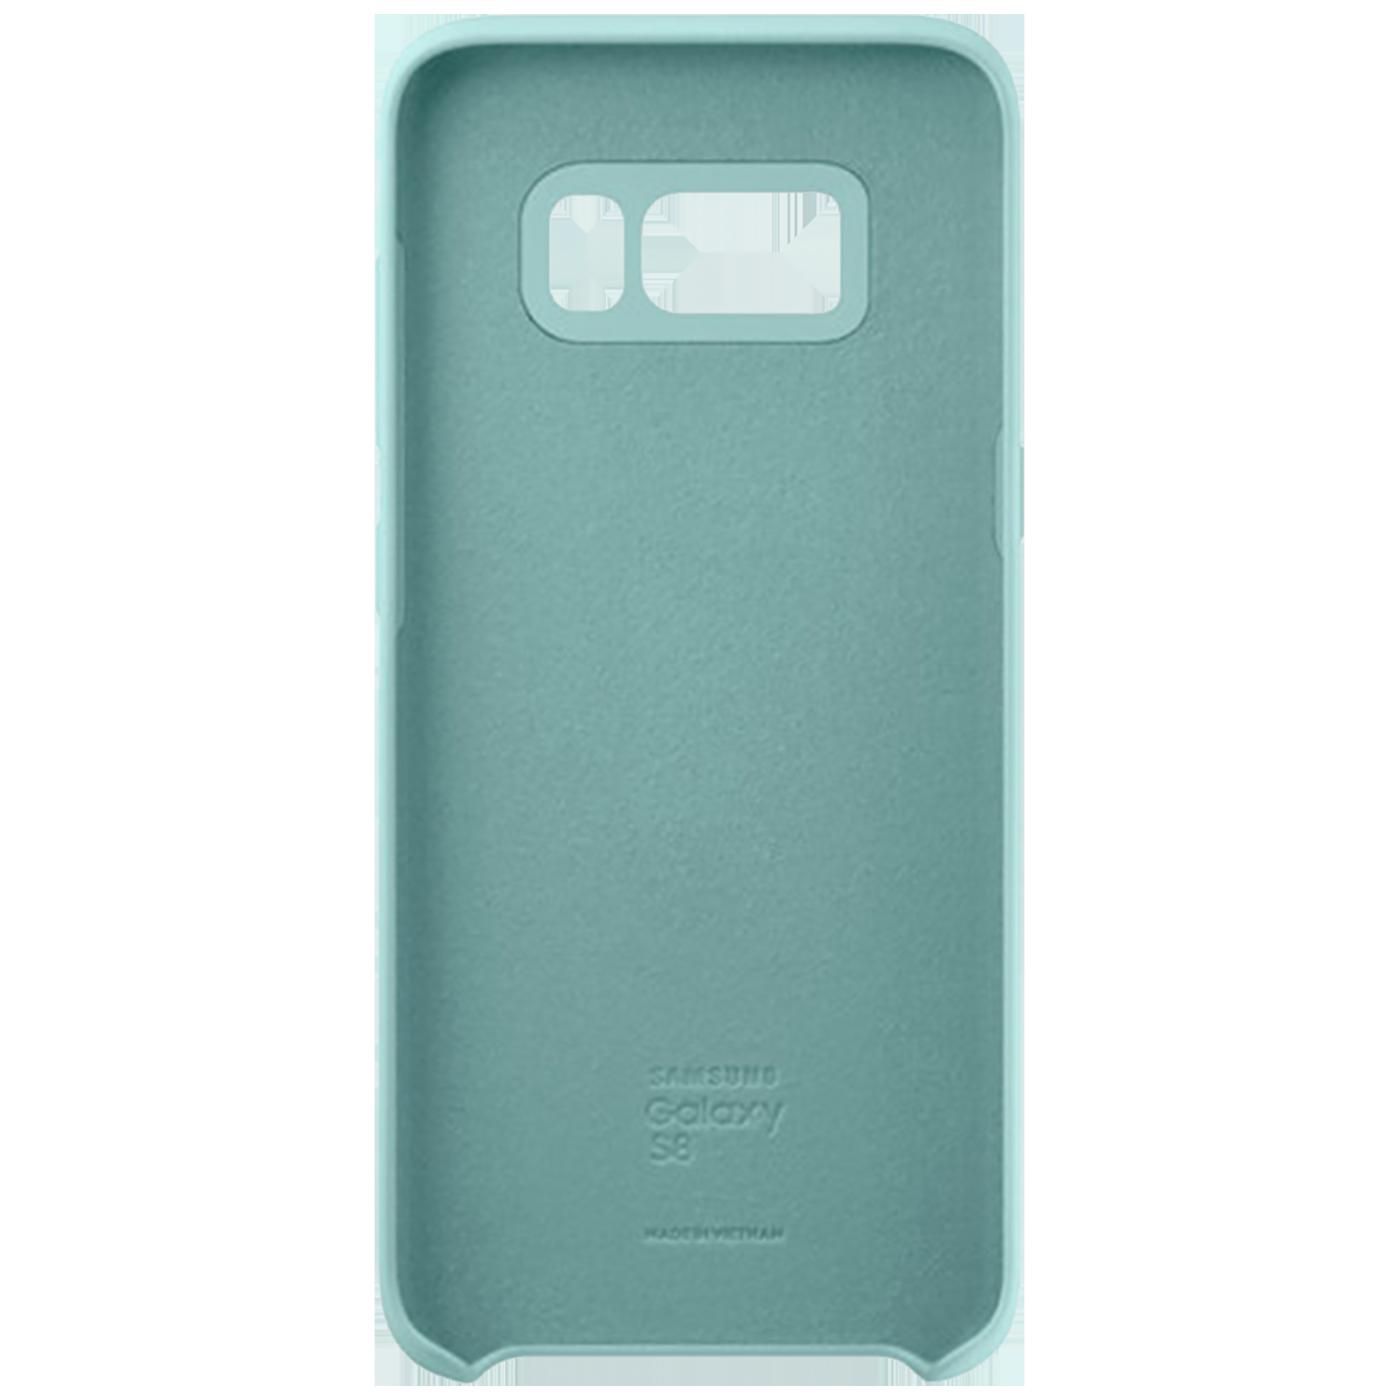 Silikonska futrola za Galaxy S8+, plavo